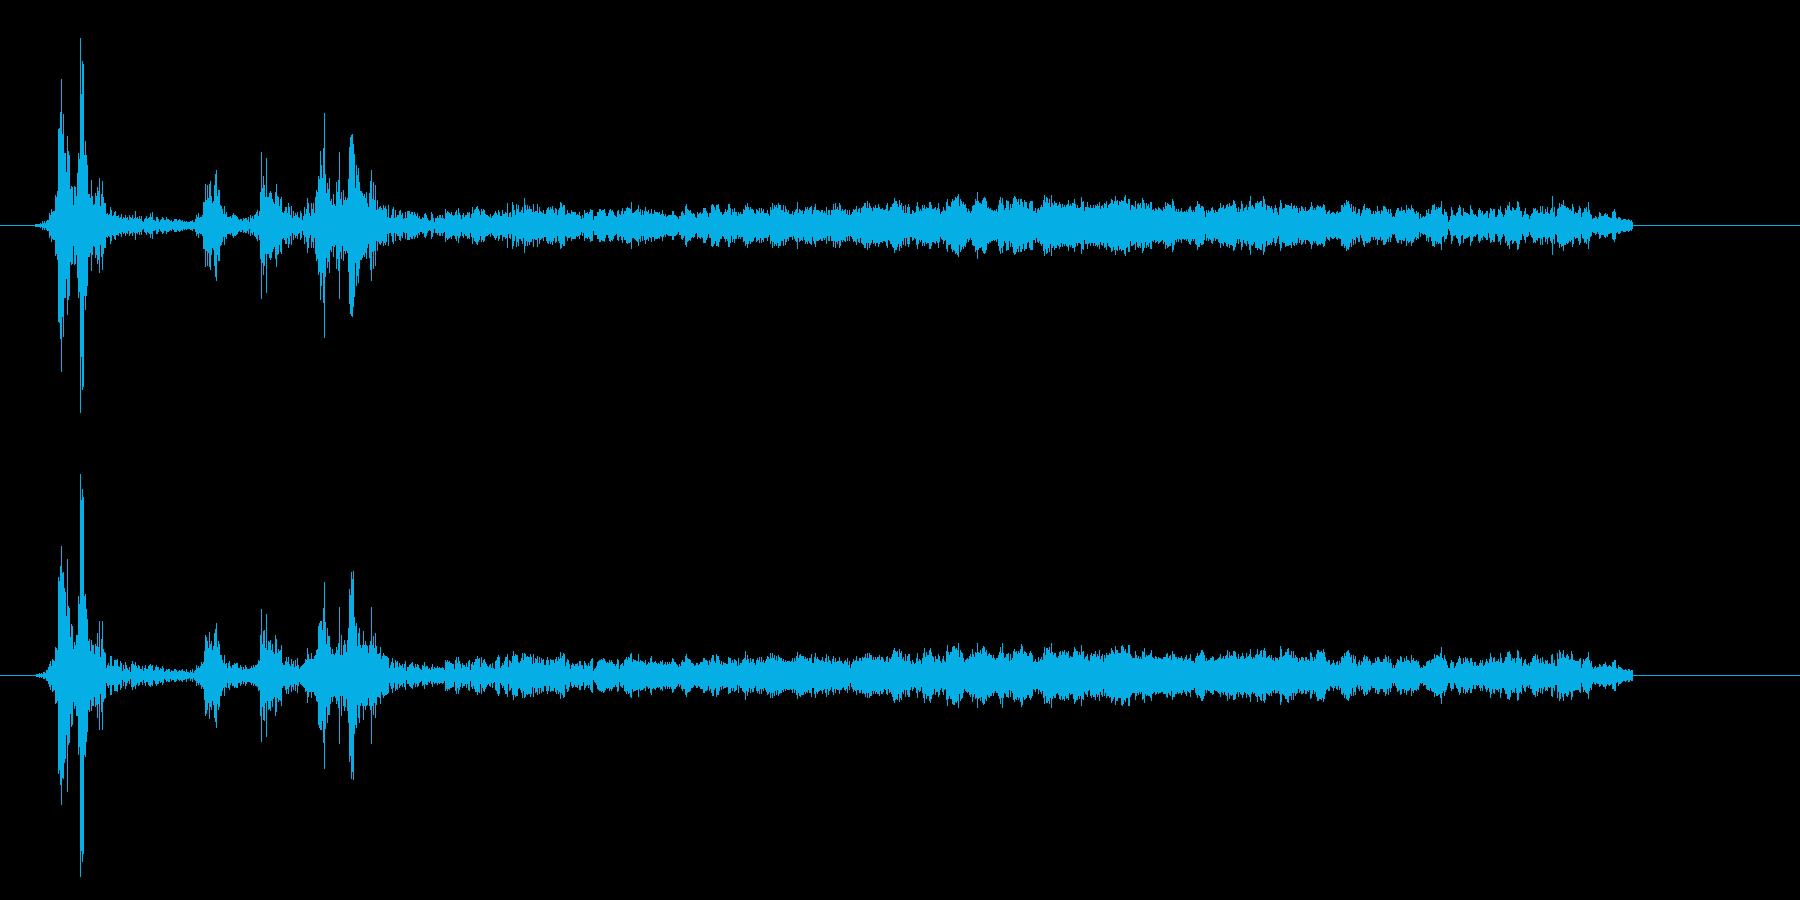 [カメラ] シャッターを切る効果音02!の再生済みの波形